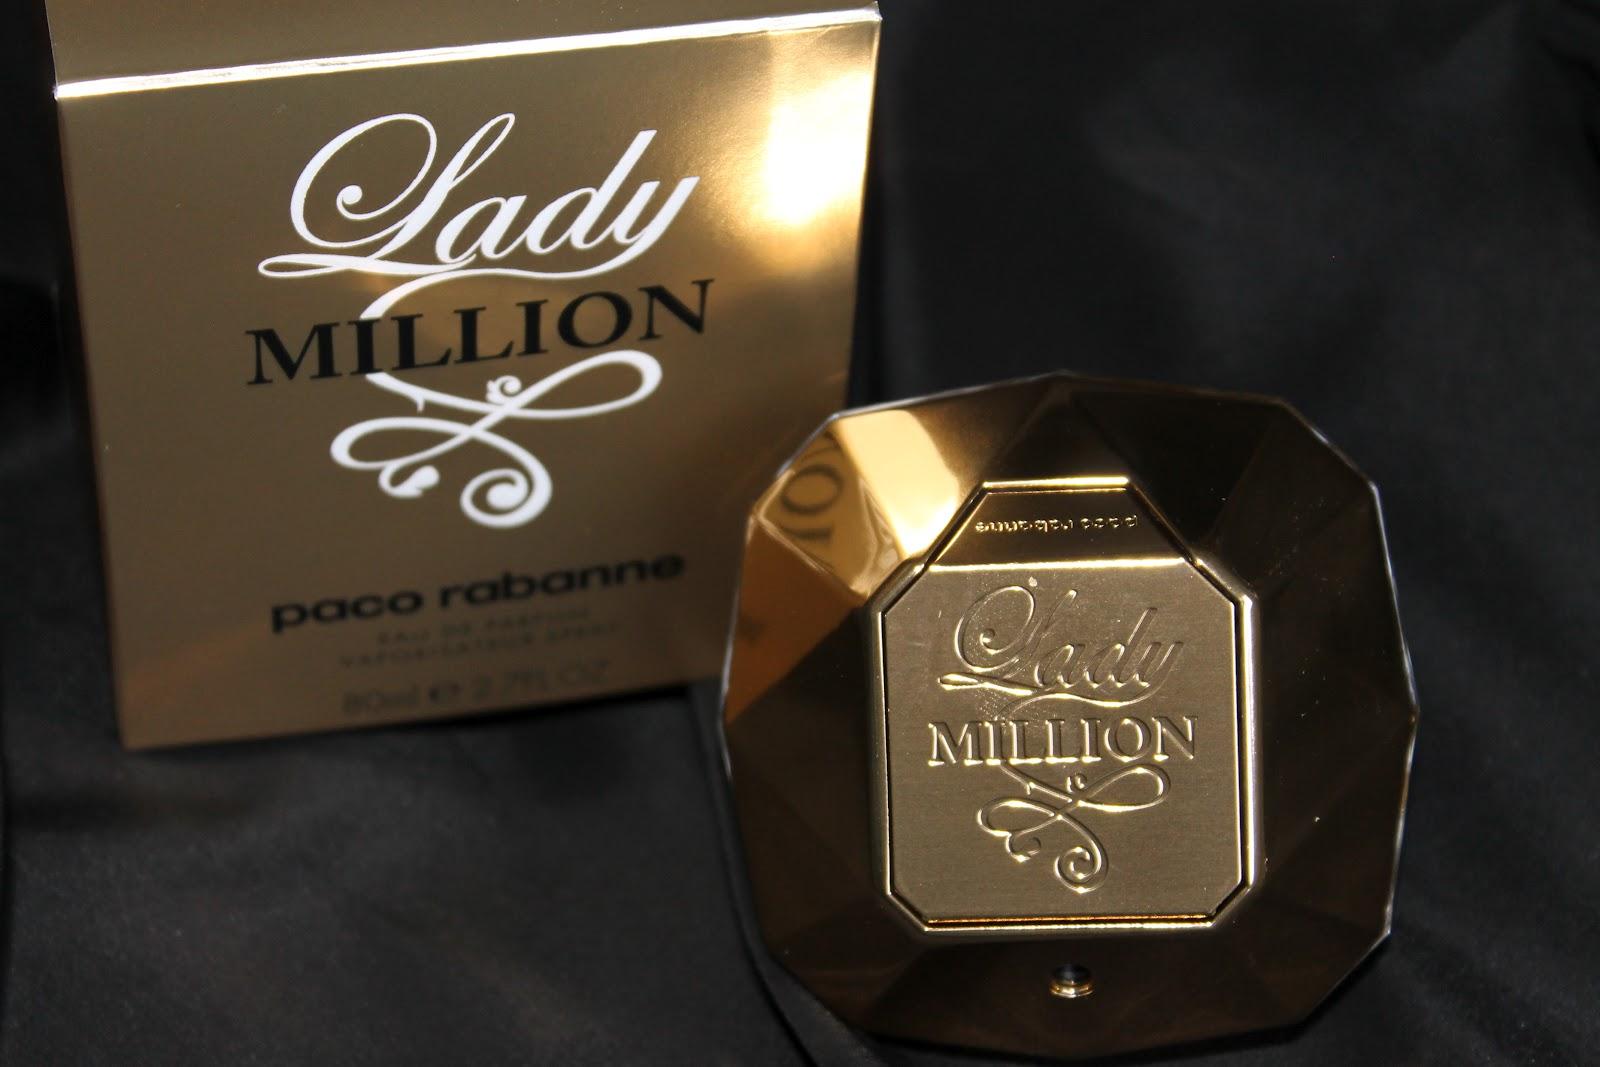 dd870381f Un perfume que su firma lo describe como una fragancia floral, amaderada,  fresca, vibrante y sensual, como un néctar de flores voluptuoso, ...